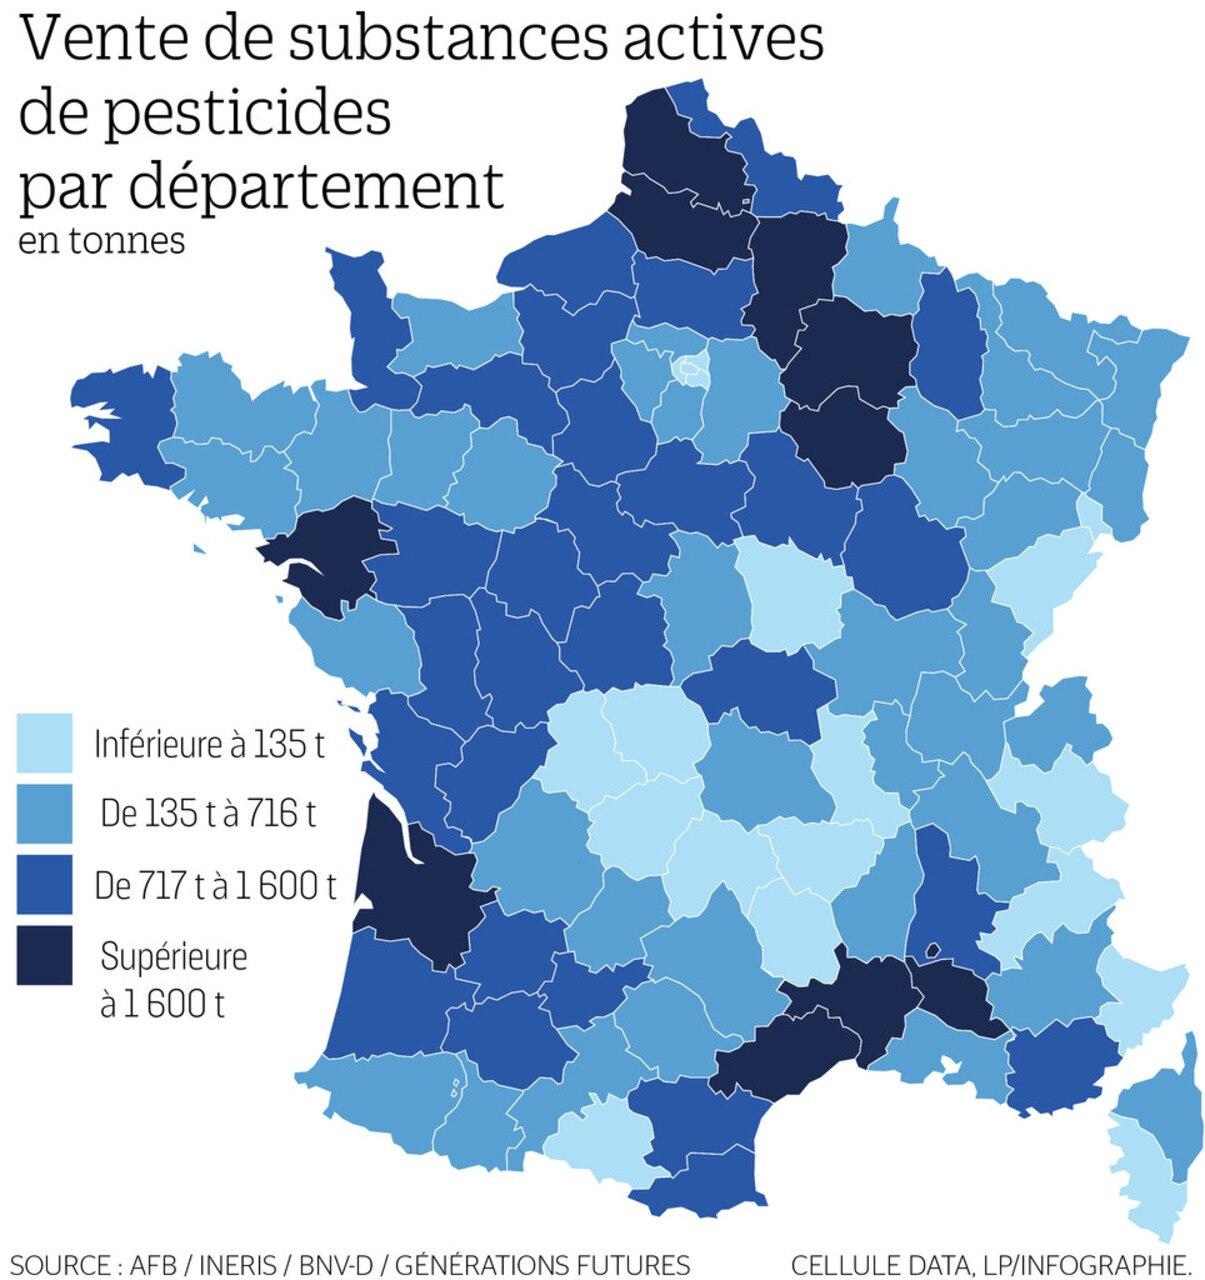 La Carte De France Des Départements Les Plus Consommateurs concernant Tableau Des Départements Français